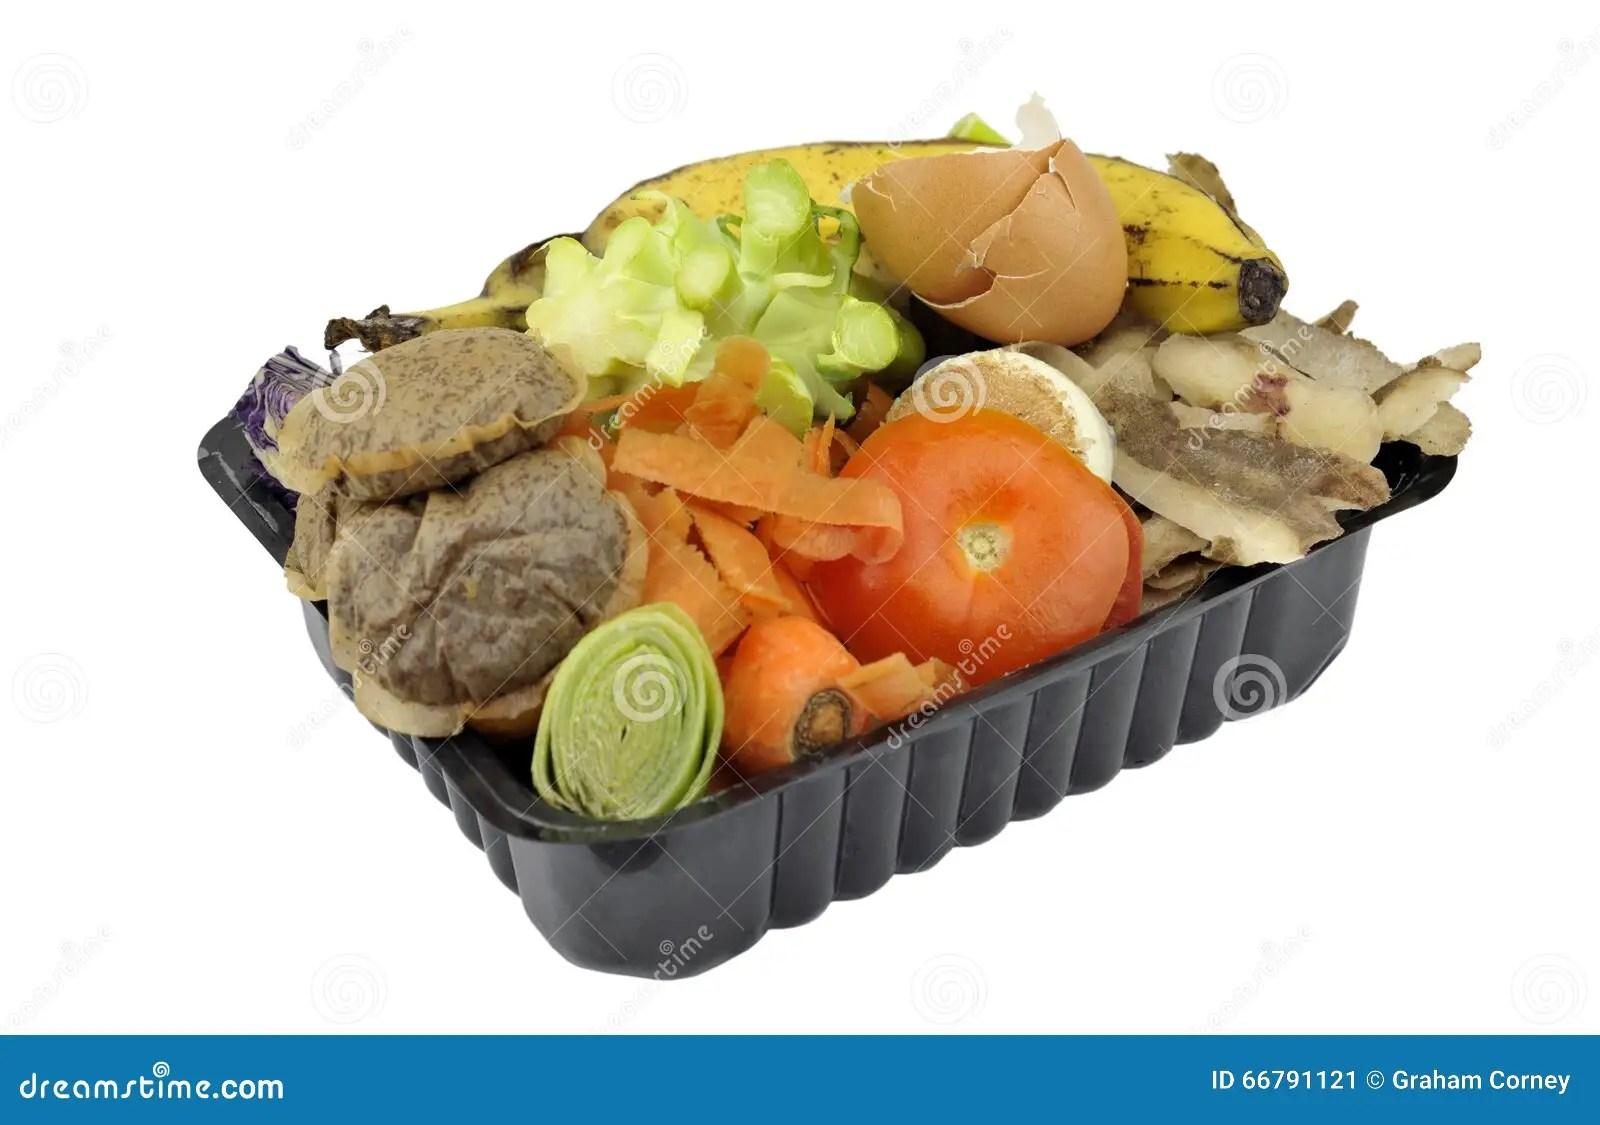 kitchen composter island installation 厨房废物库存图片 图片包括有堆肥 能承受 有机 浪费 厨房 垃圾 菜 果子家庭厨房食品废弃部 在被重复利用的包装收集了 家庭堆肥的